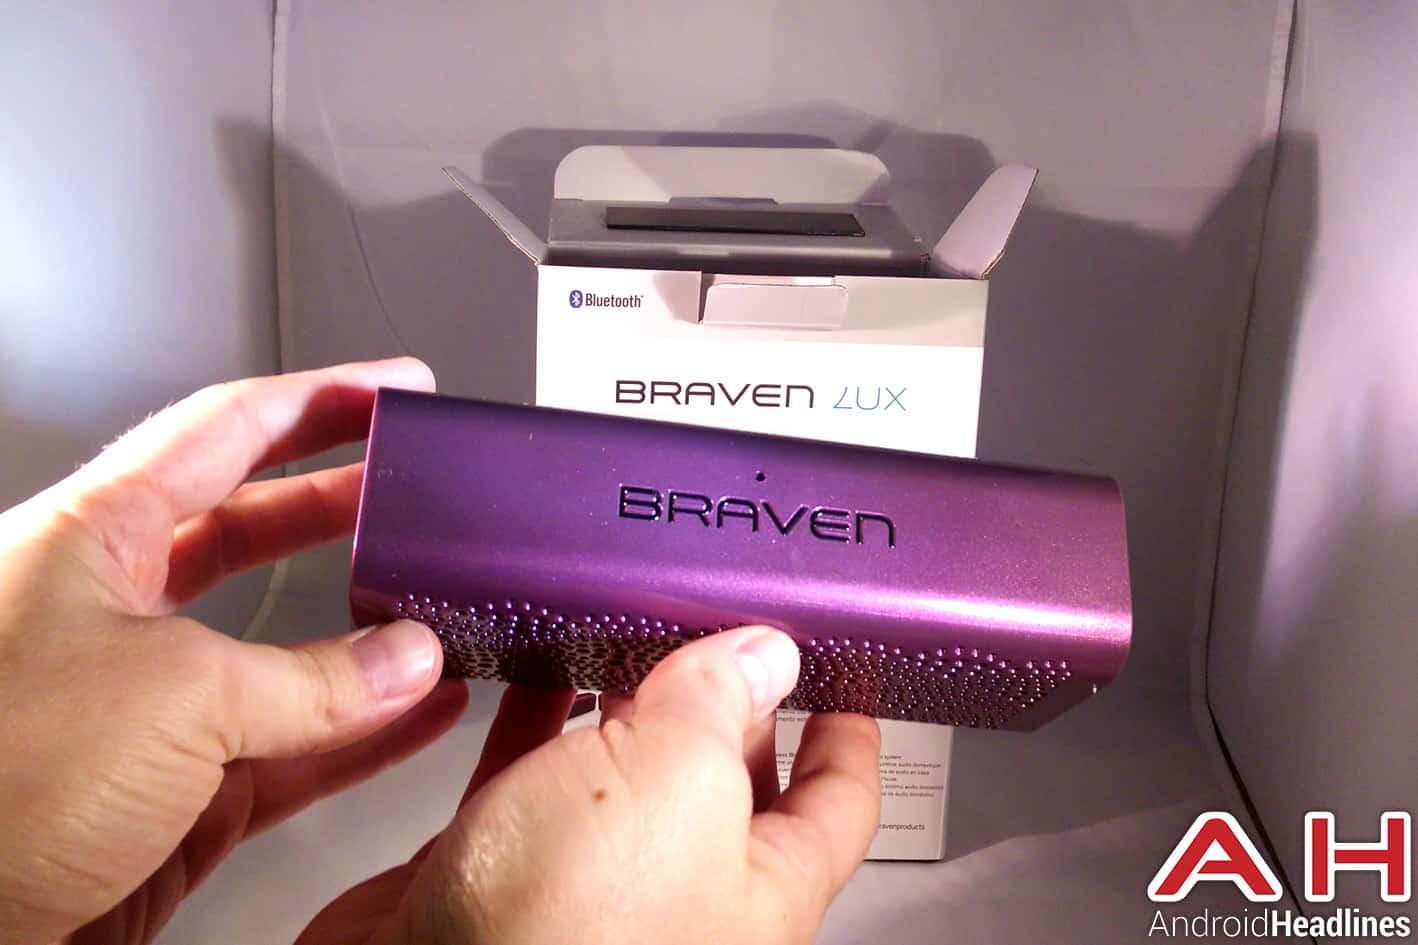 braven-lux-bluetooth-speaker